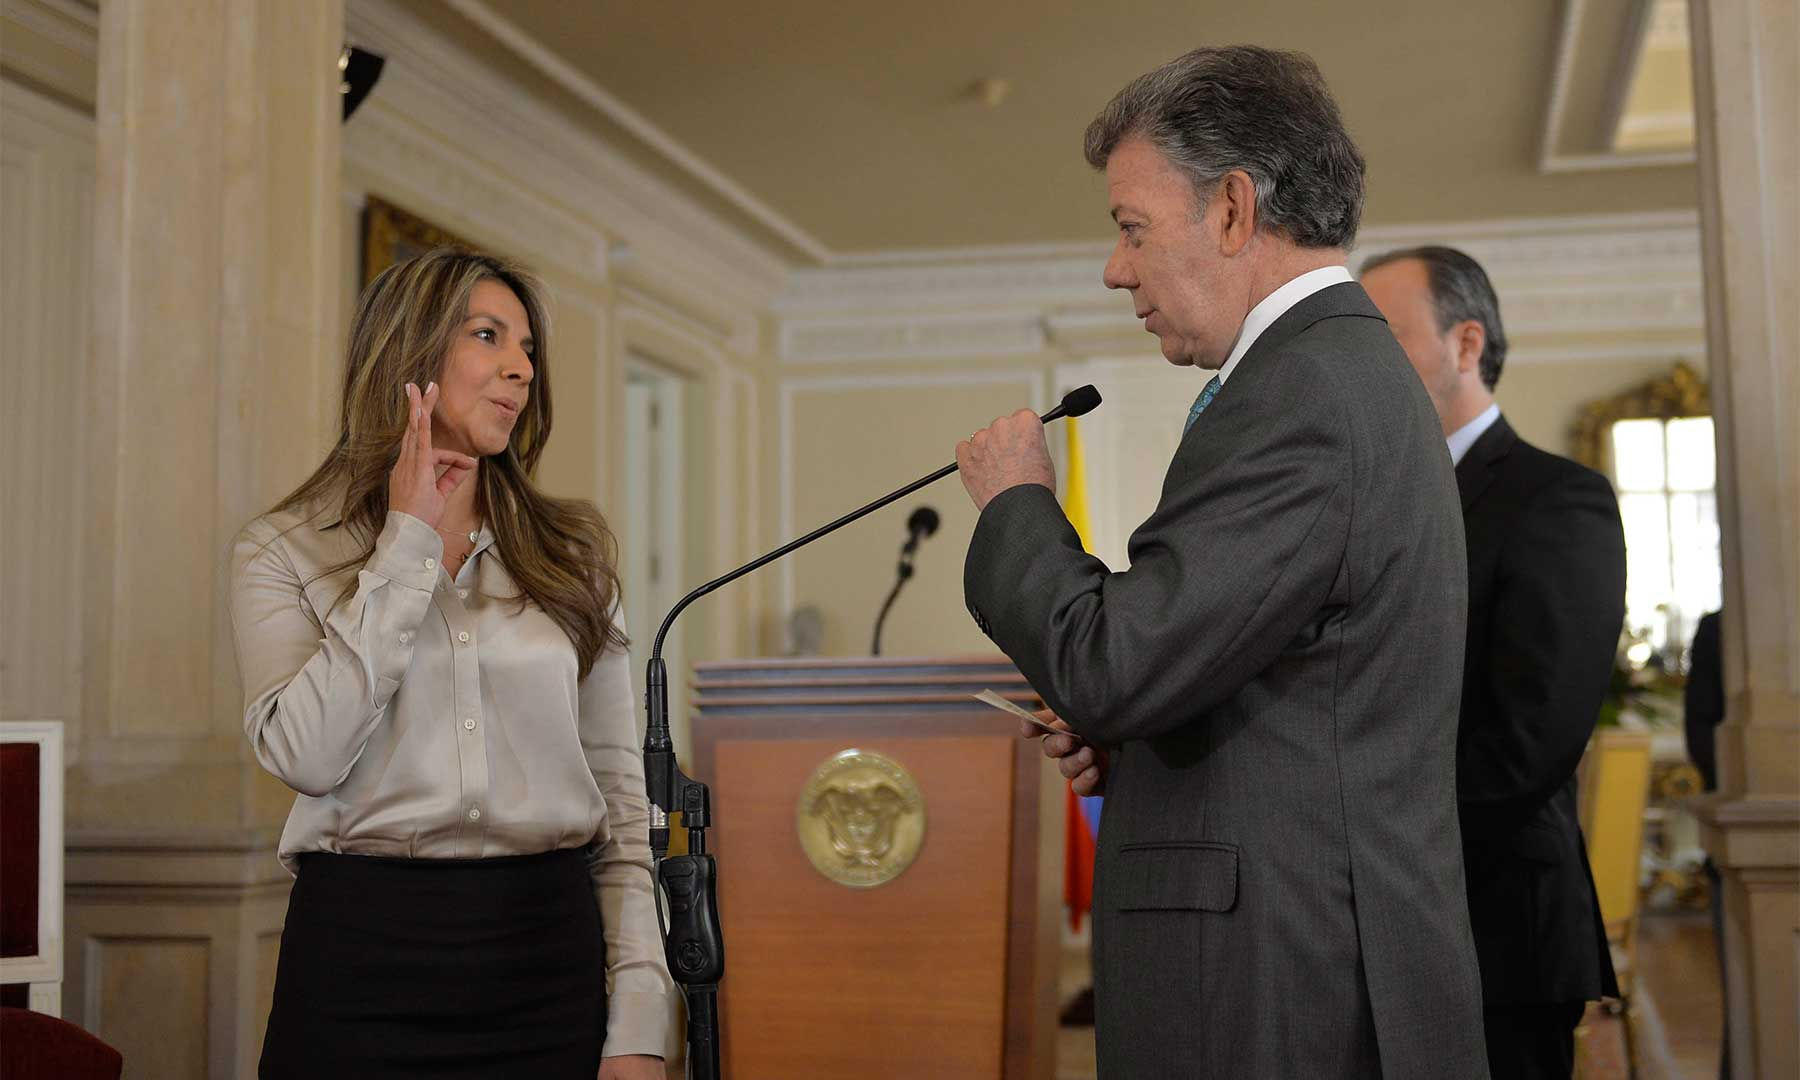 El Presidente Santos toma posesión de Marilyn López como Secretaria de Prensa de la Presidencia de la República, quien será clave para transmitir a los colombianos los logros del Gobierno.